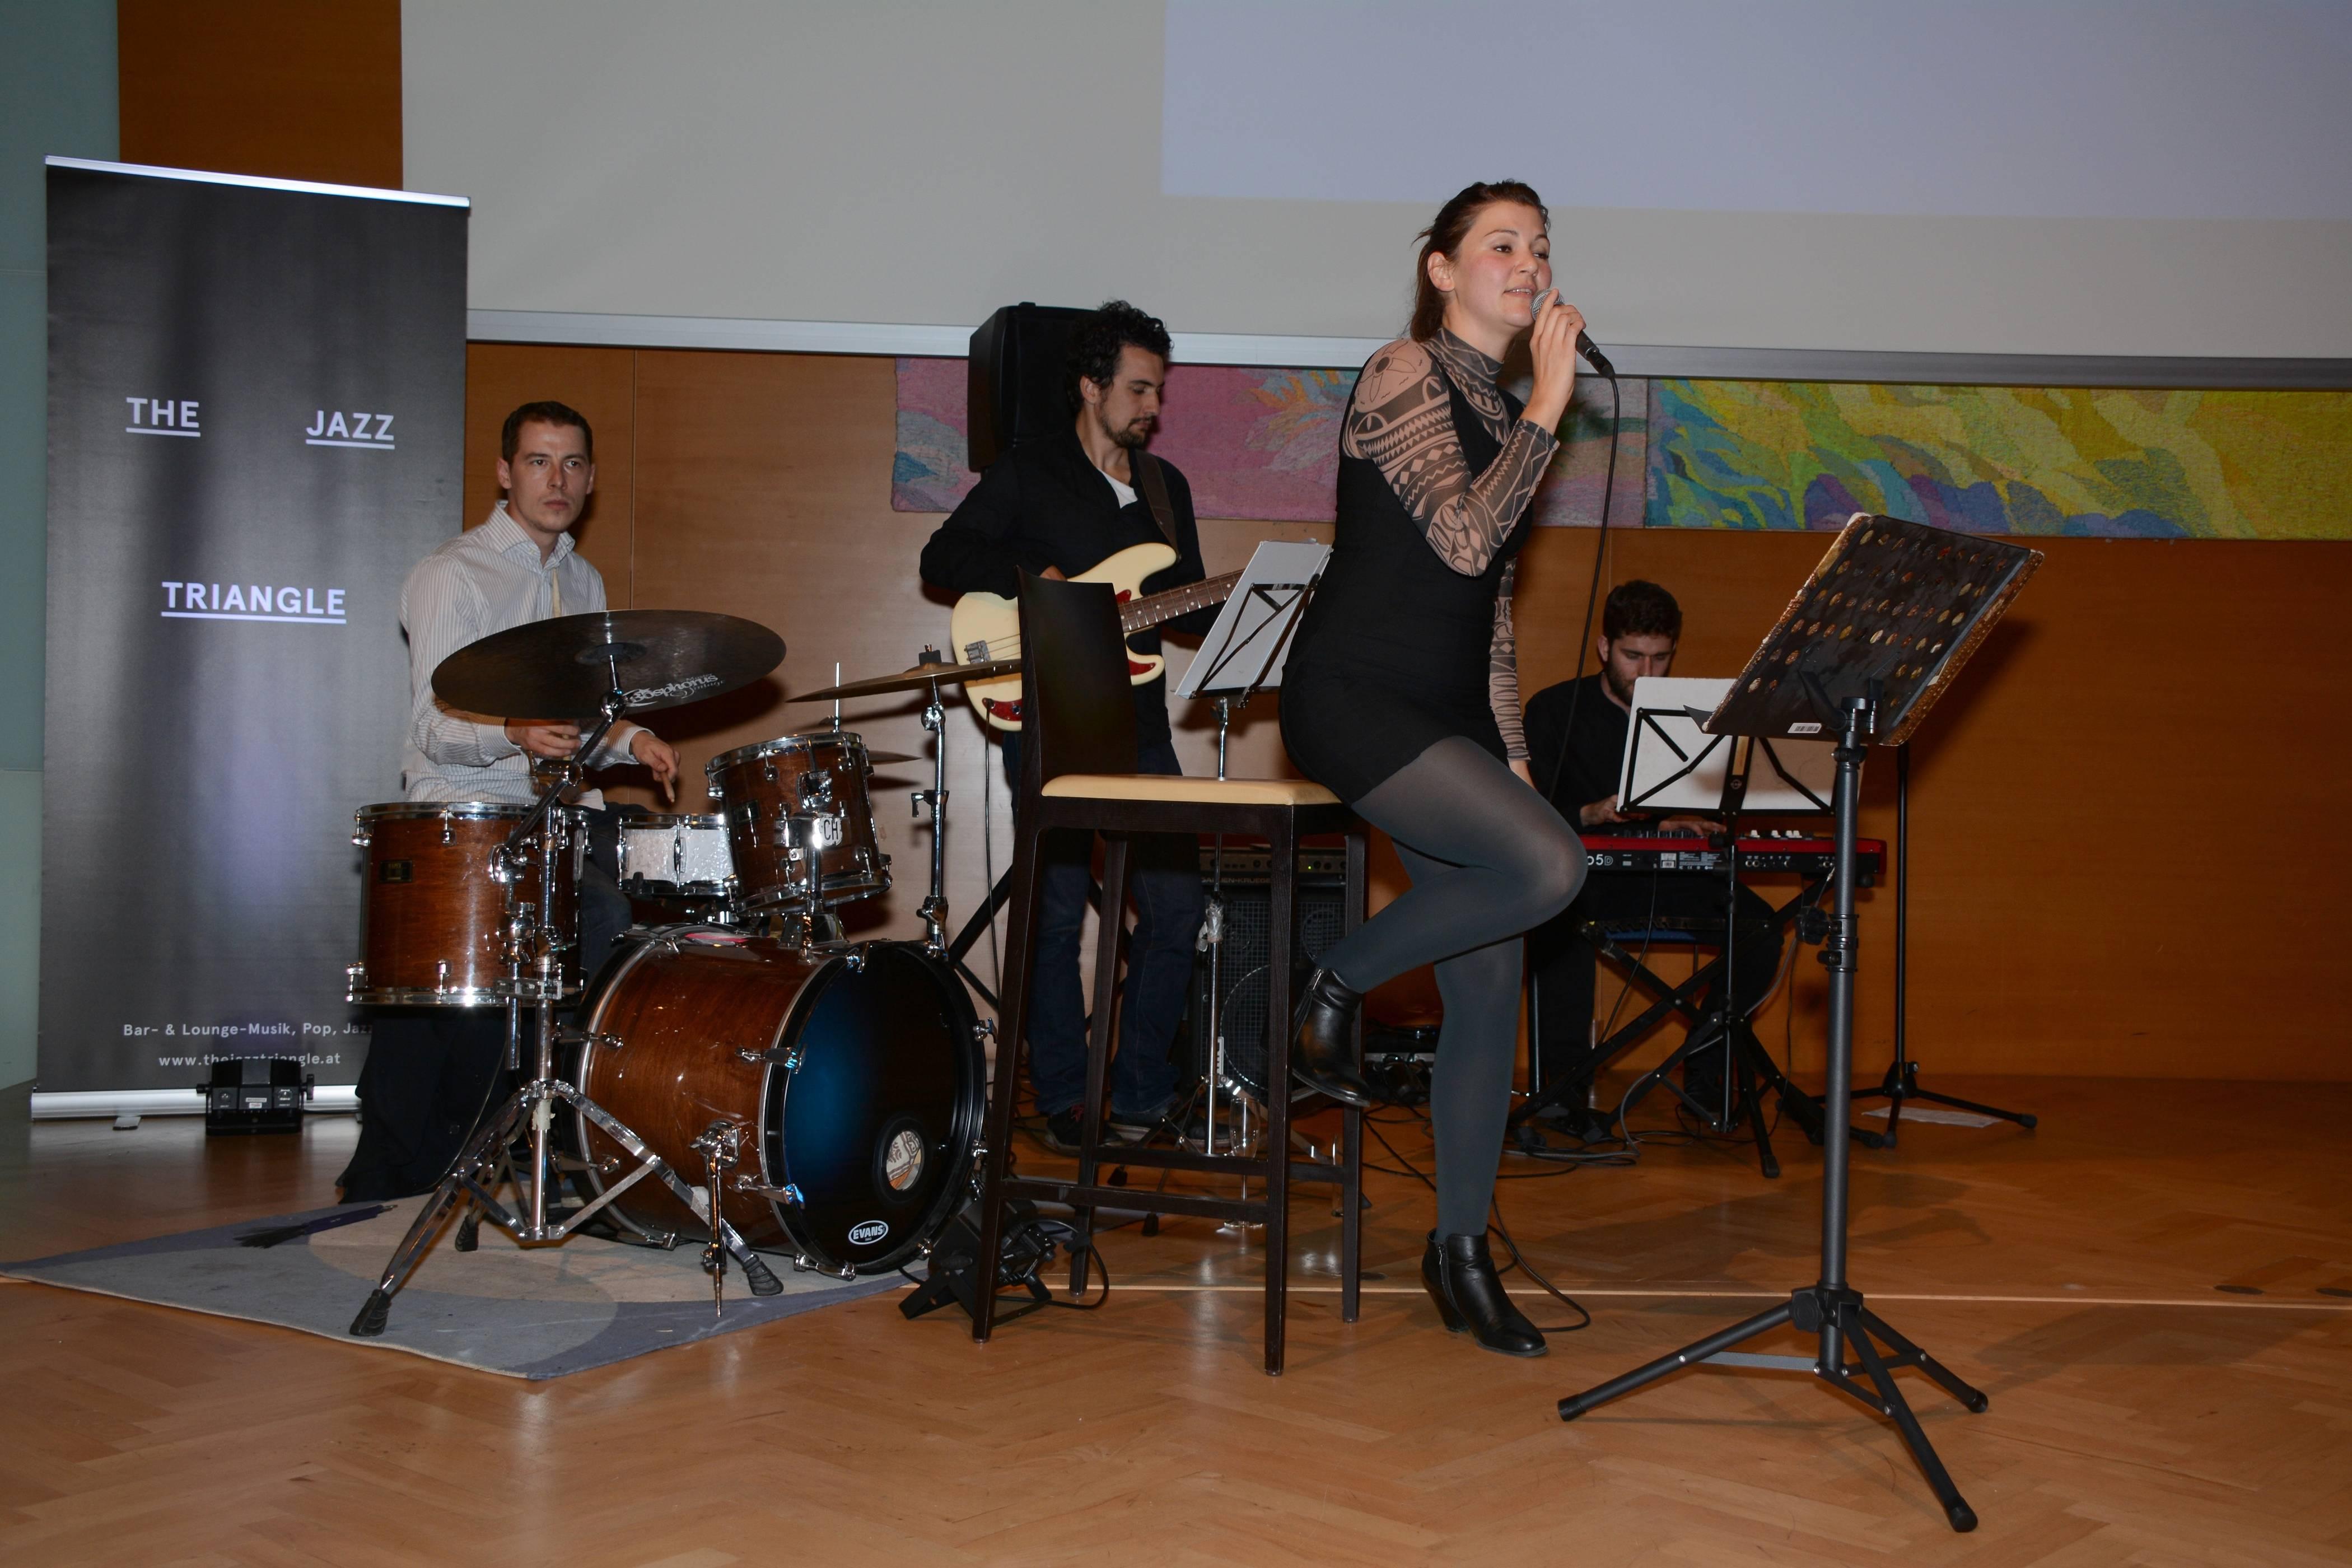 """Die Band """"The Jazz Triangle"""" mit Heidi Erler sorgte mit ihrer Musik für die richtige Atmosphäre. ©LPD Gruber"""